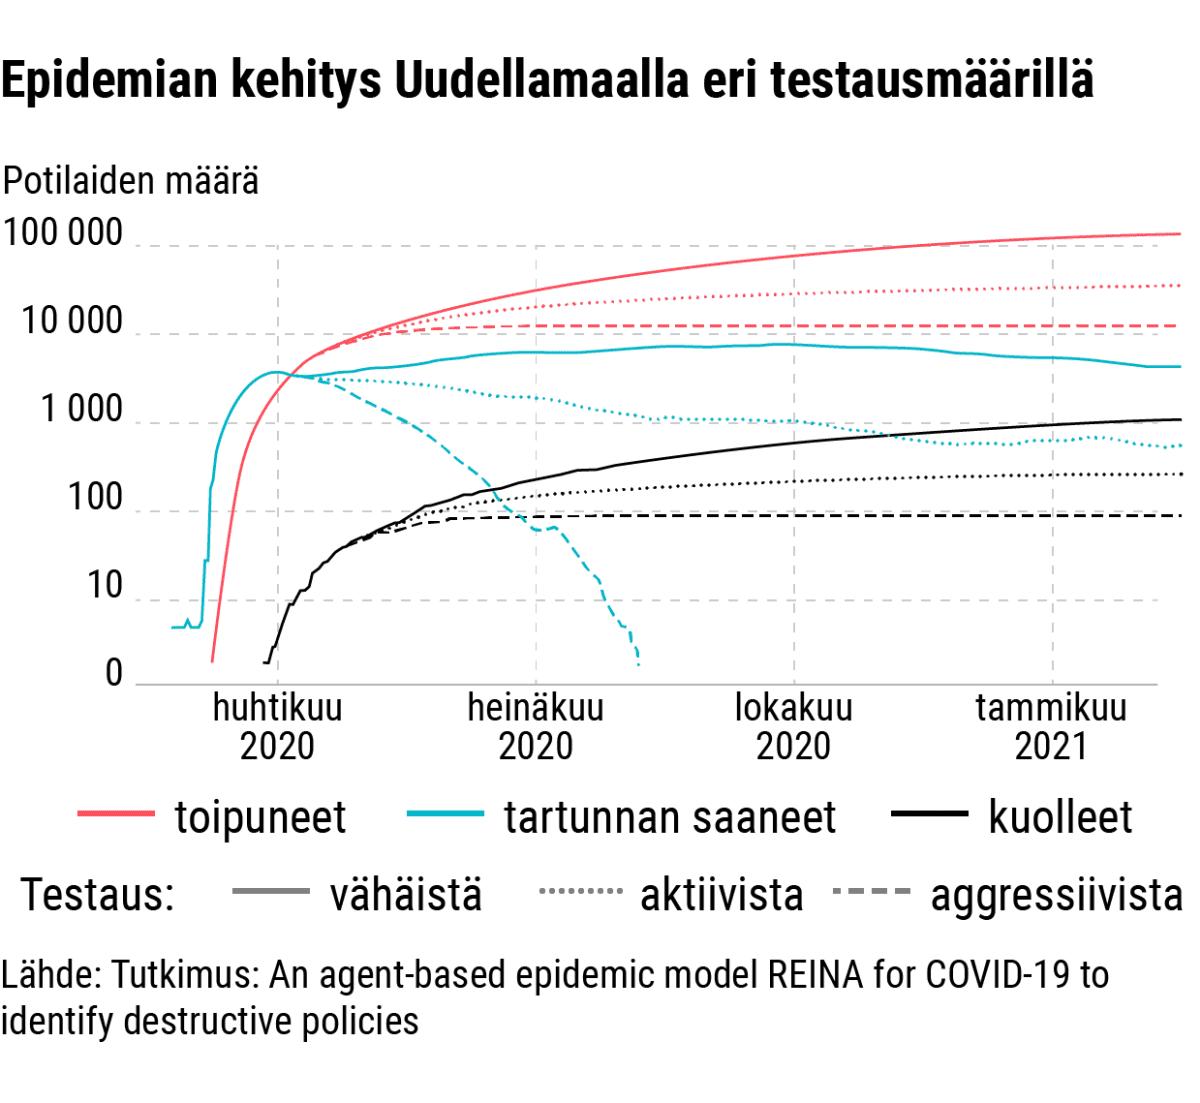 Tilastografiikka koronaepidemian kehityksestä Uudellamaalla.